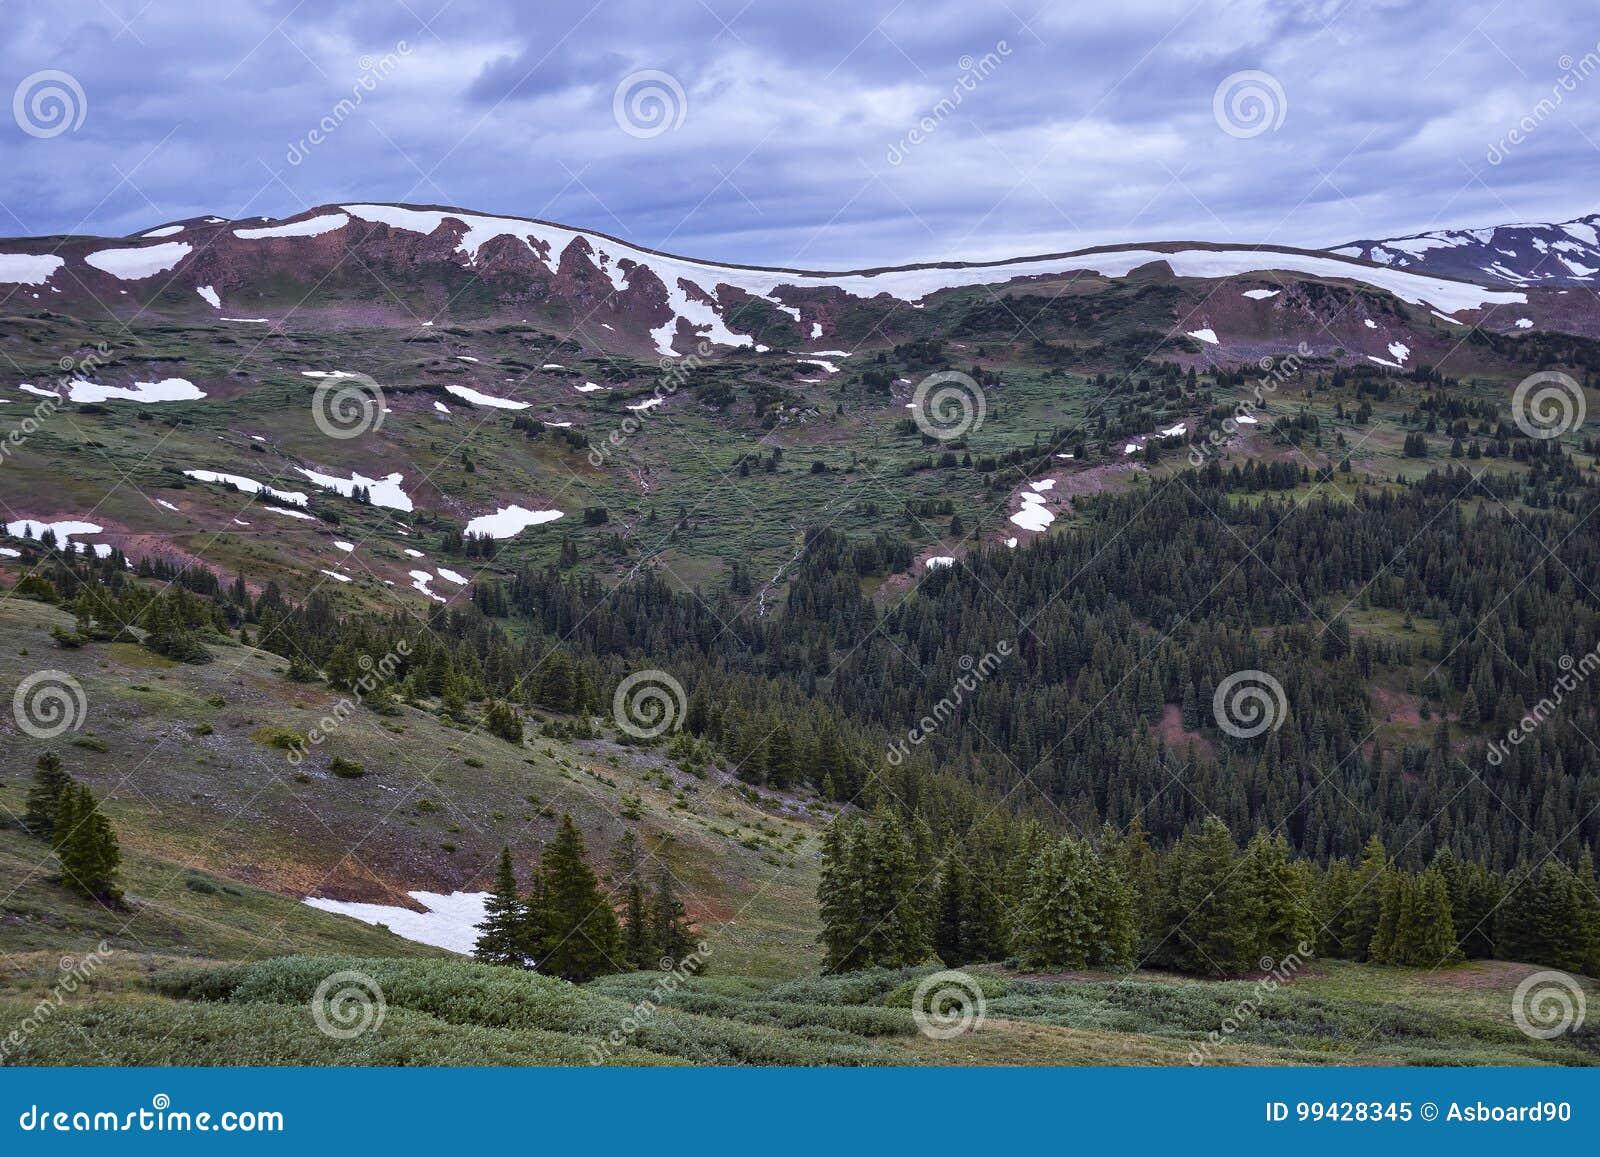 Passage de Loveland, le Colorado